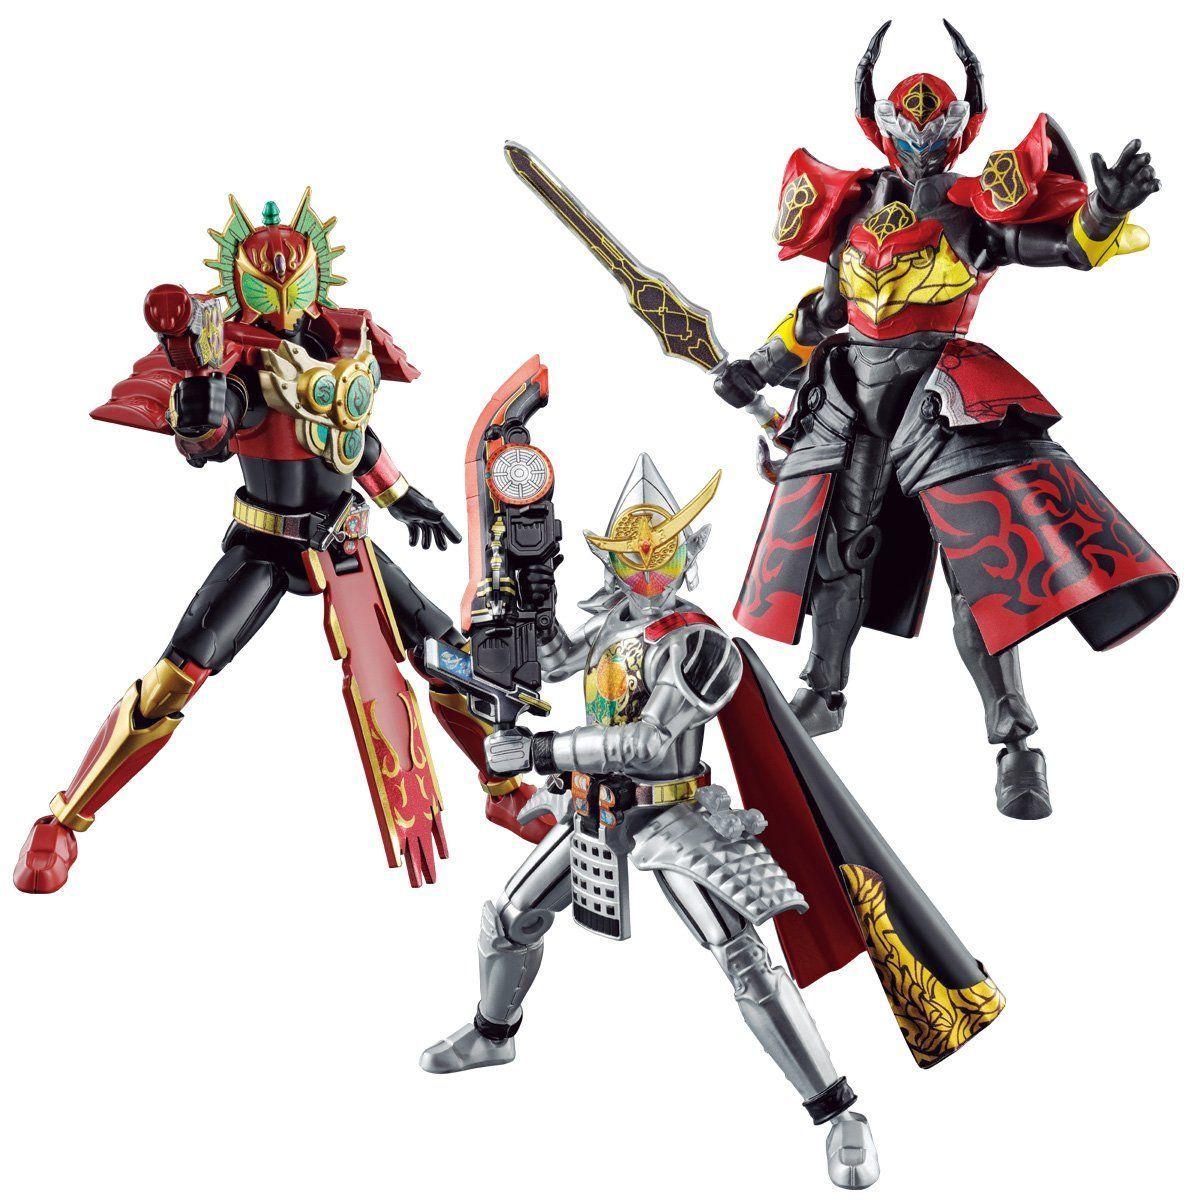 SO-DO CHRONICLE 仮面ライダー鎧武3(10個入)   仮面ライダー鎧武/ガイム 趣味・コレクション バンダイナムコグループ公式通販サイト